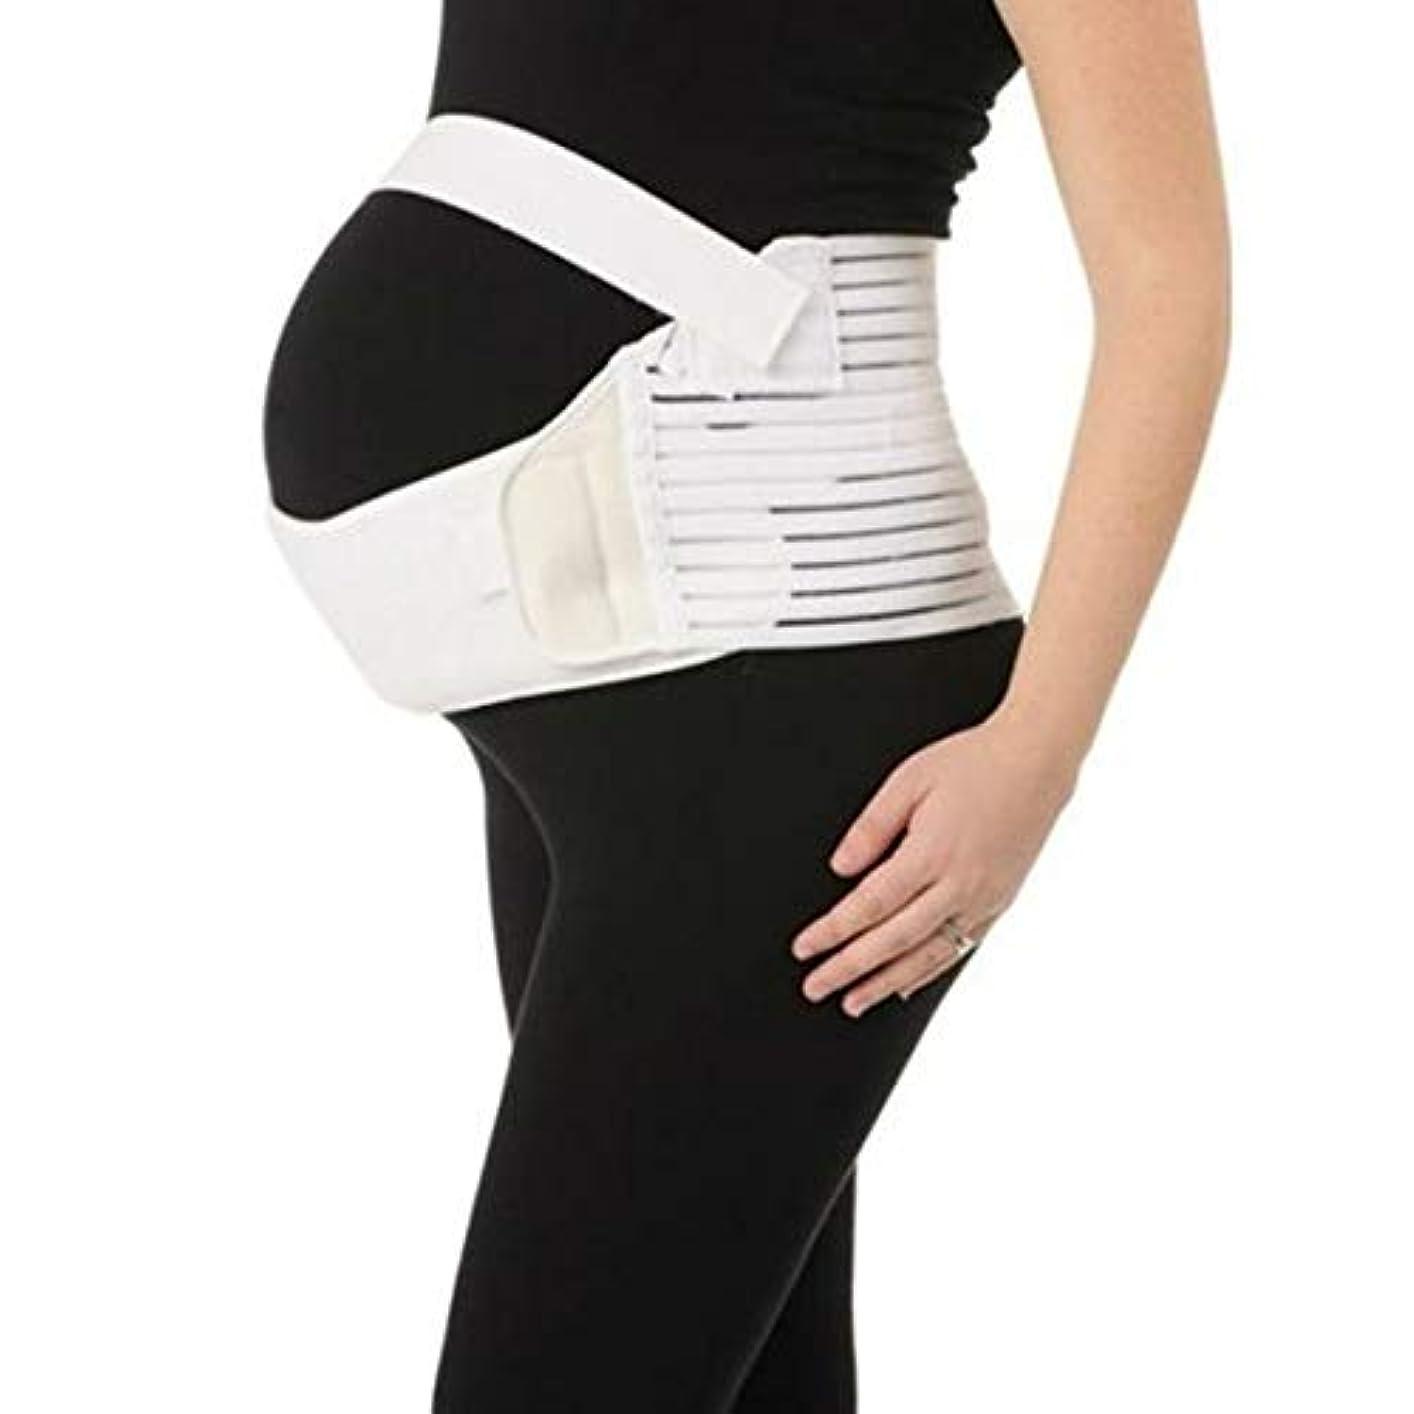 蒸留ポテト祭り通気性産科ベルト妊娠腹部サポート腹部バインダーガードル運動包帯産後の回復形状ウェア - ホワイトM